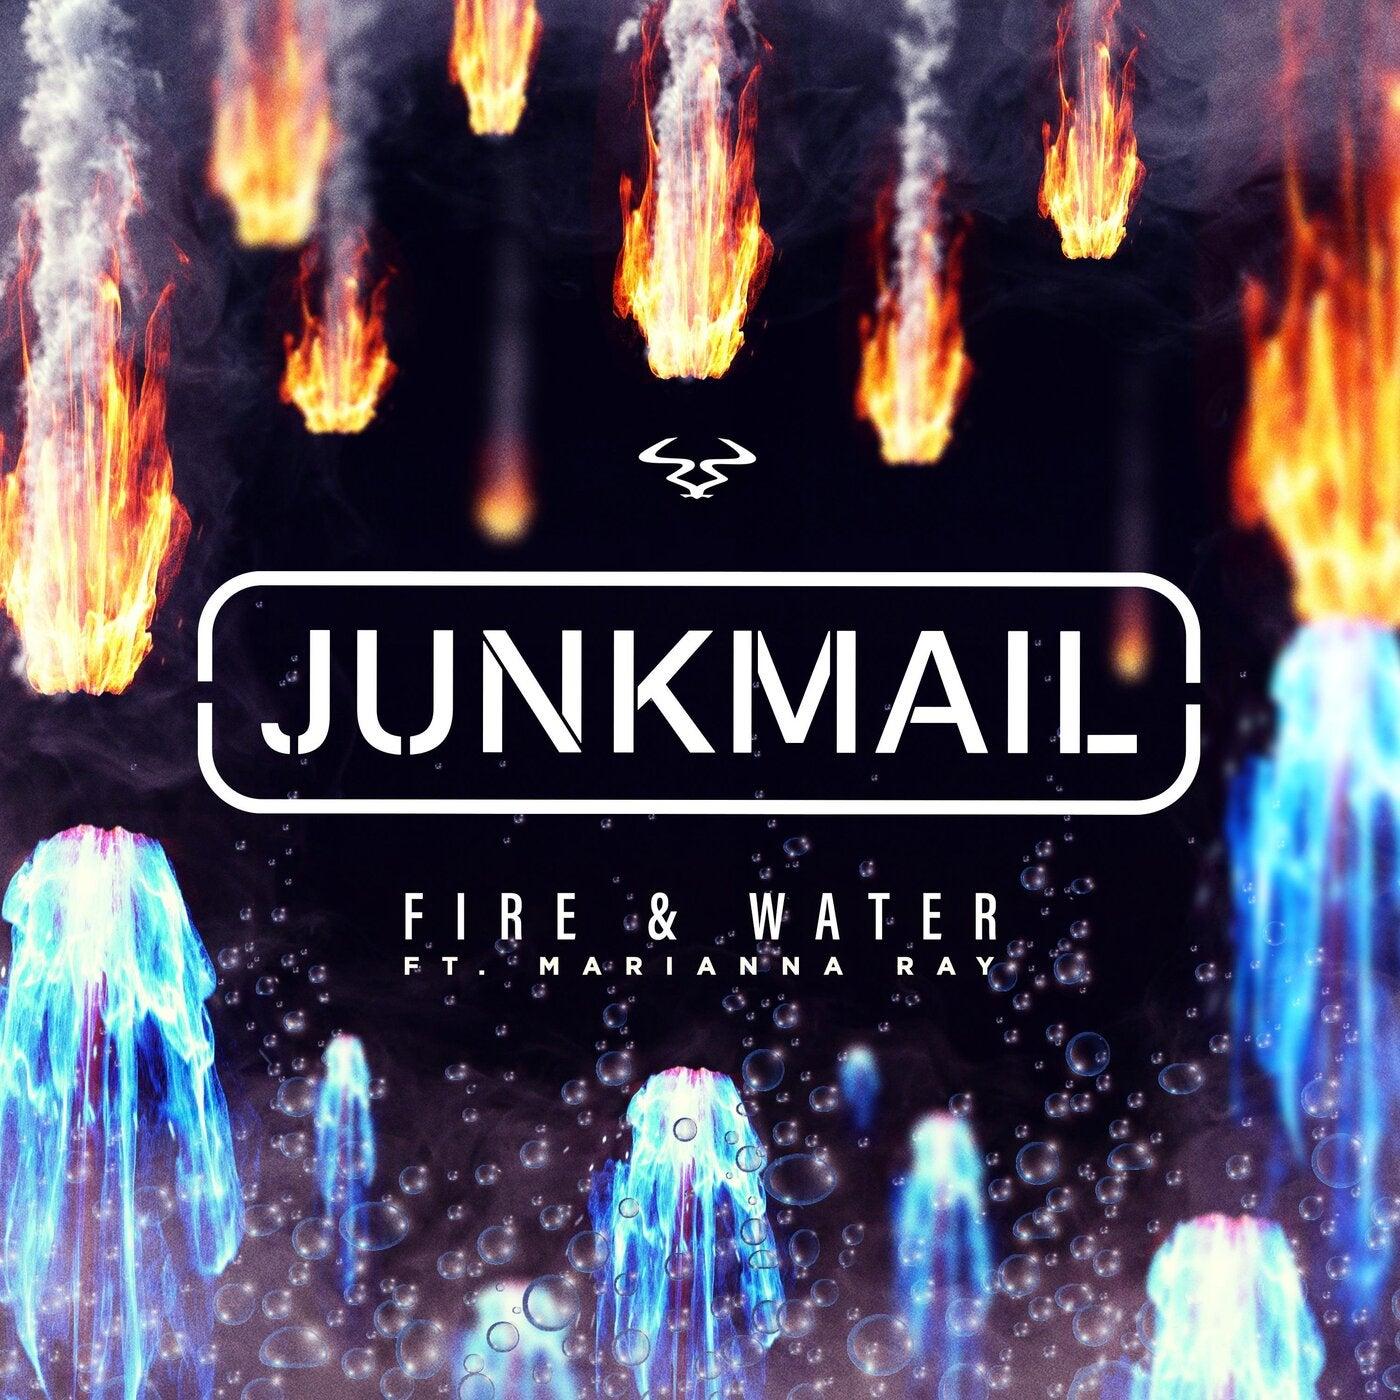 Fire & Water (Original Mix)